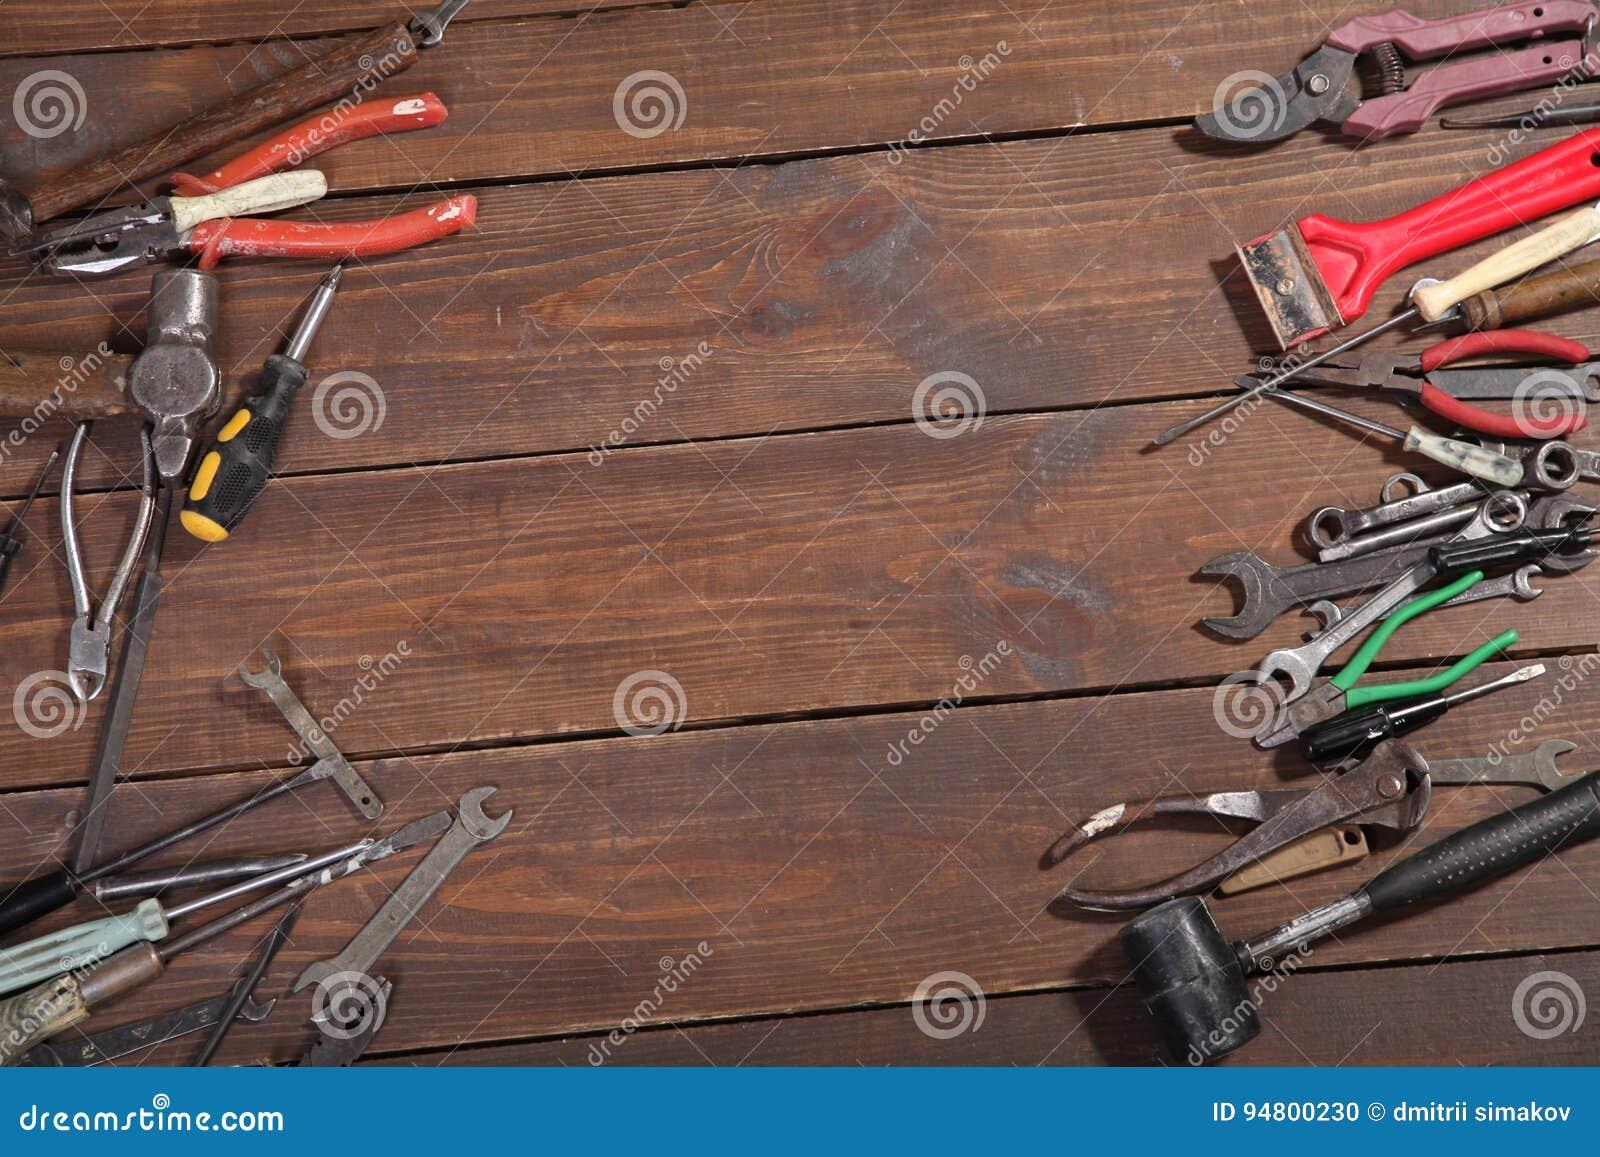 Конструкция бьет плоскогубцы молотком инструмента ремонта отвертки